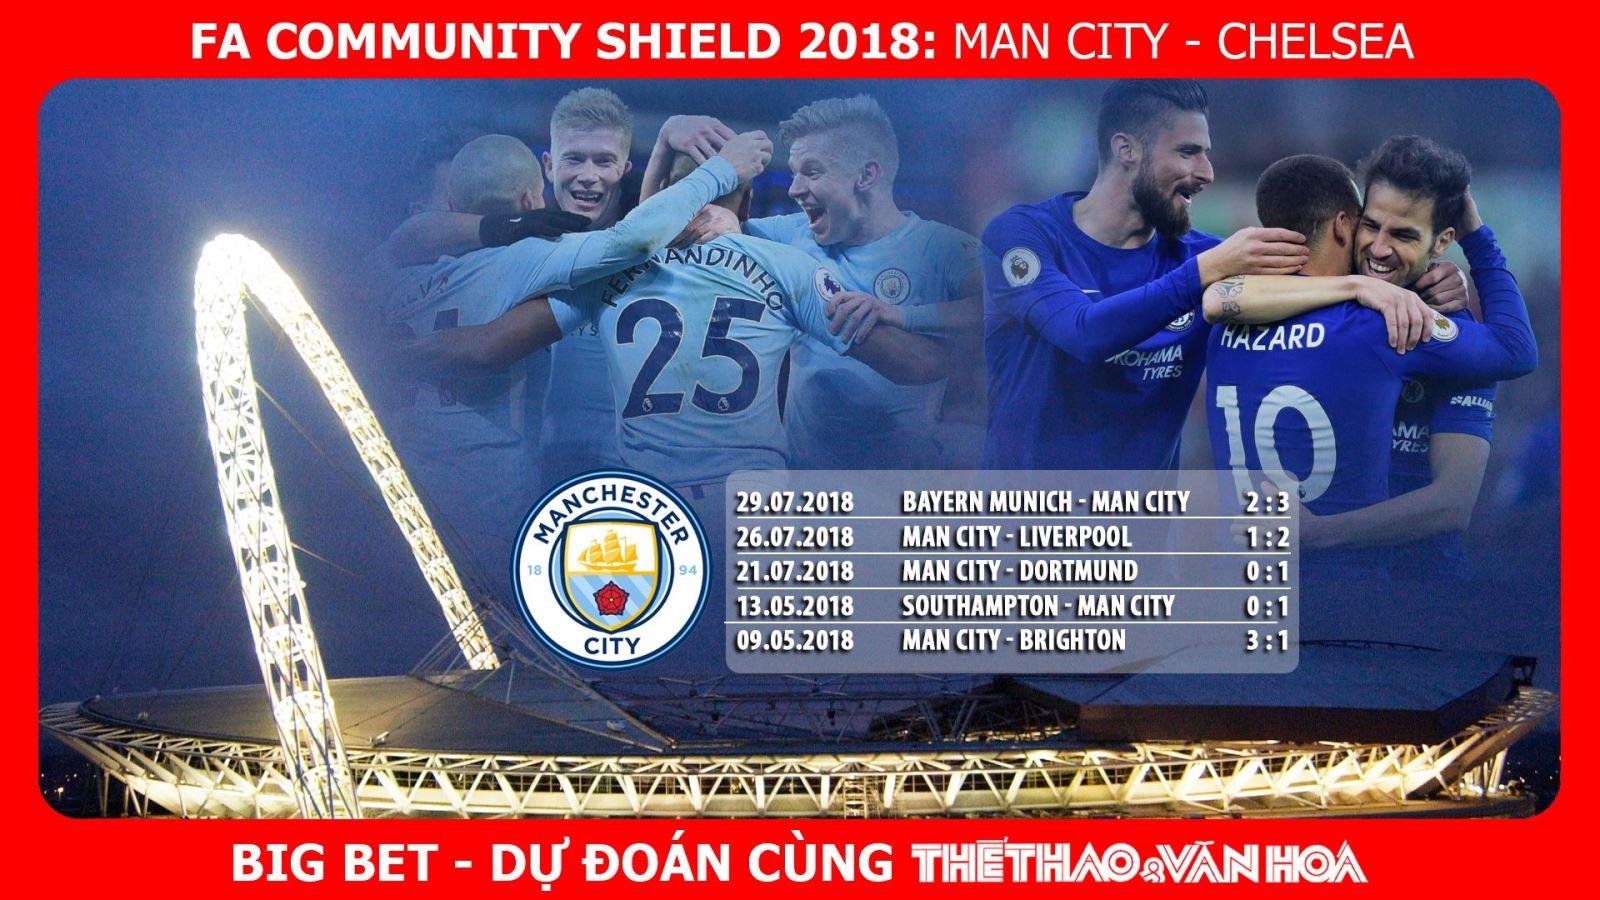 Soi kèo Siêu Cúp Anh - Community Shield 2018: Man City - Chelsea (21h00 ngày 7/8 - trực tiếp FPT)